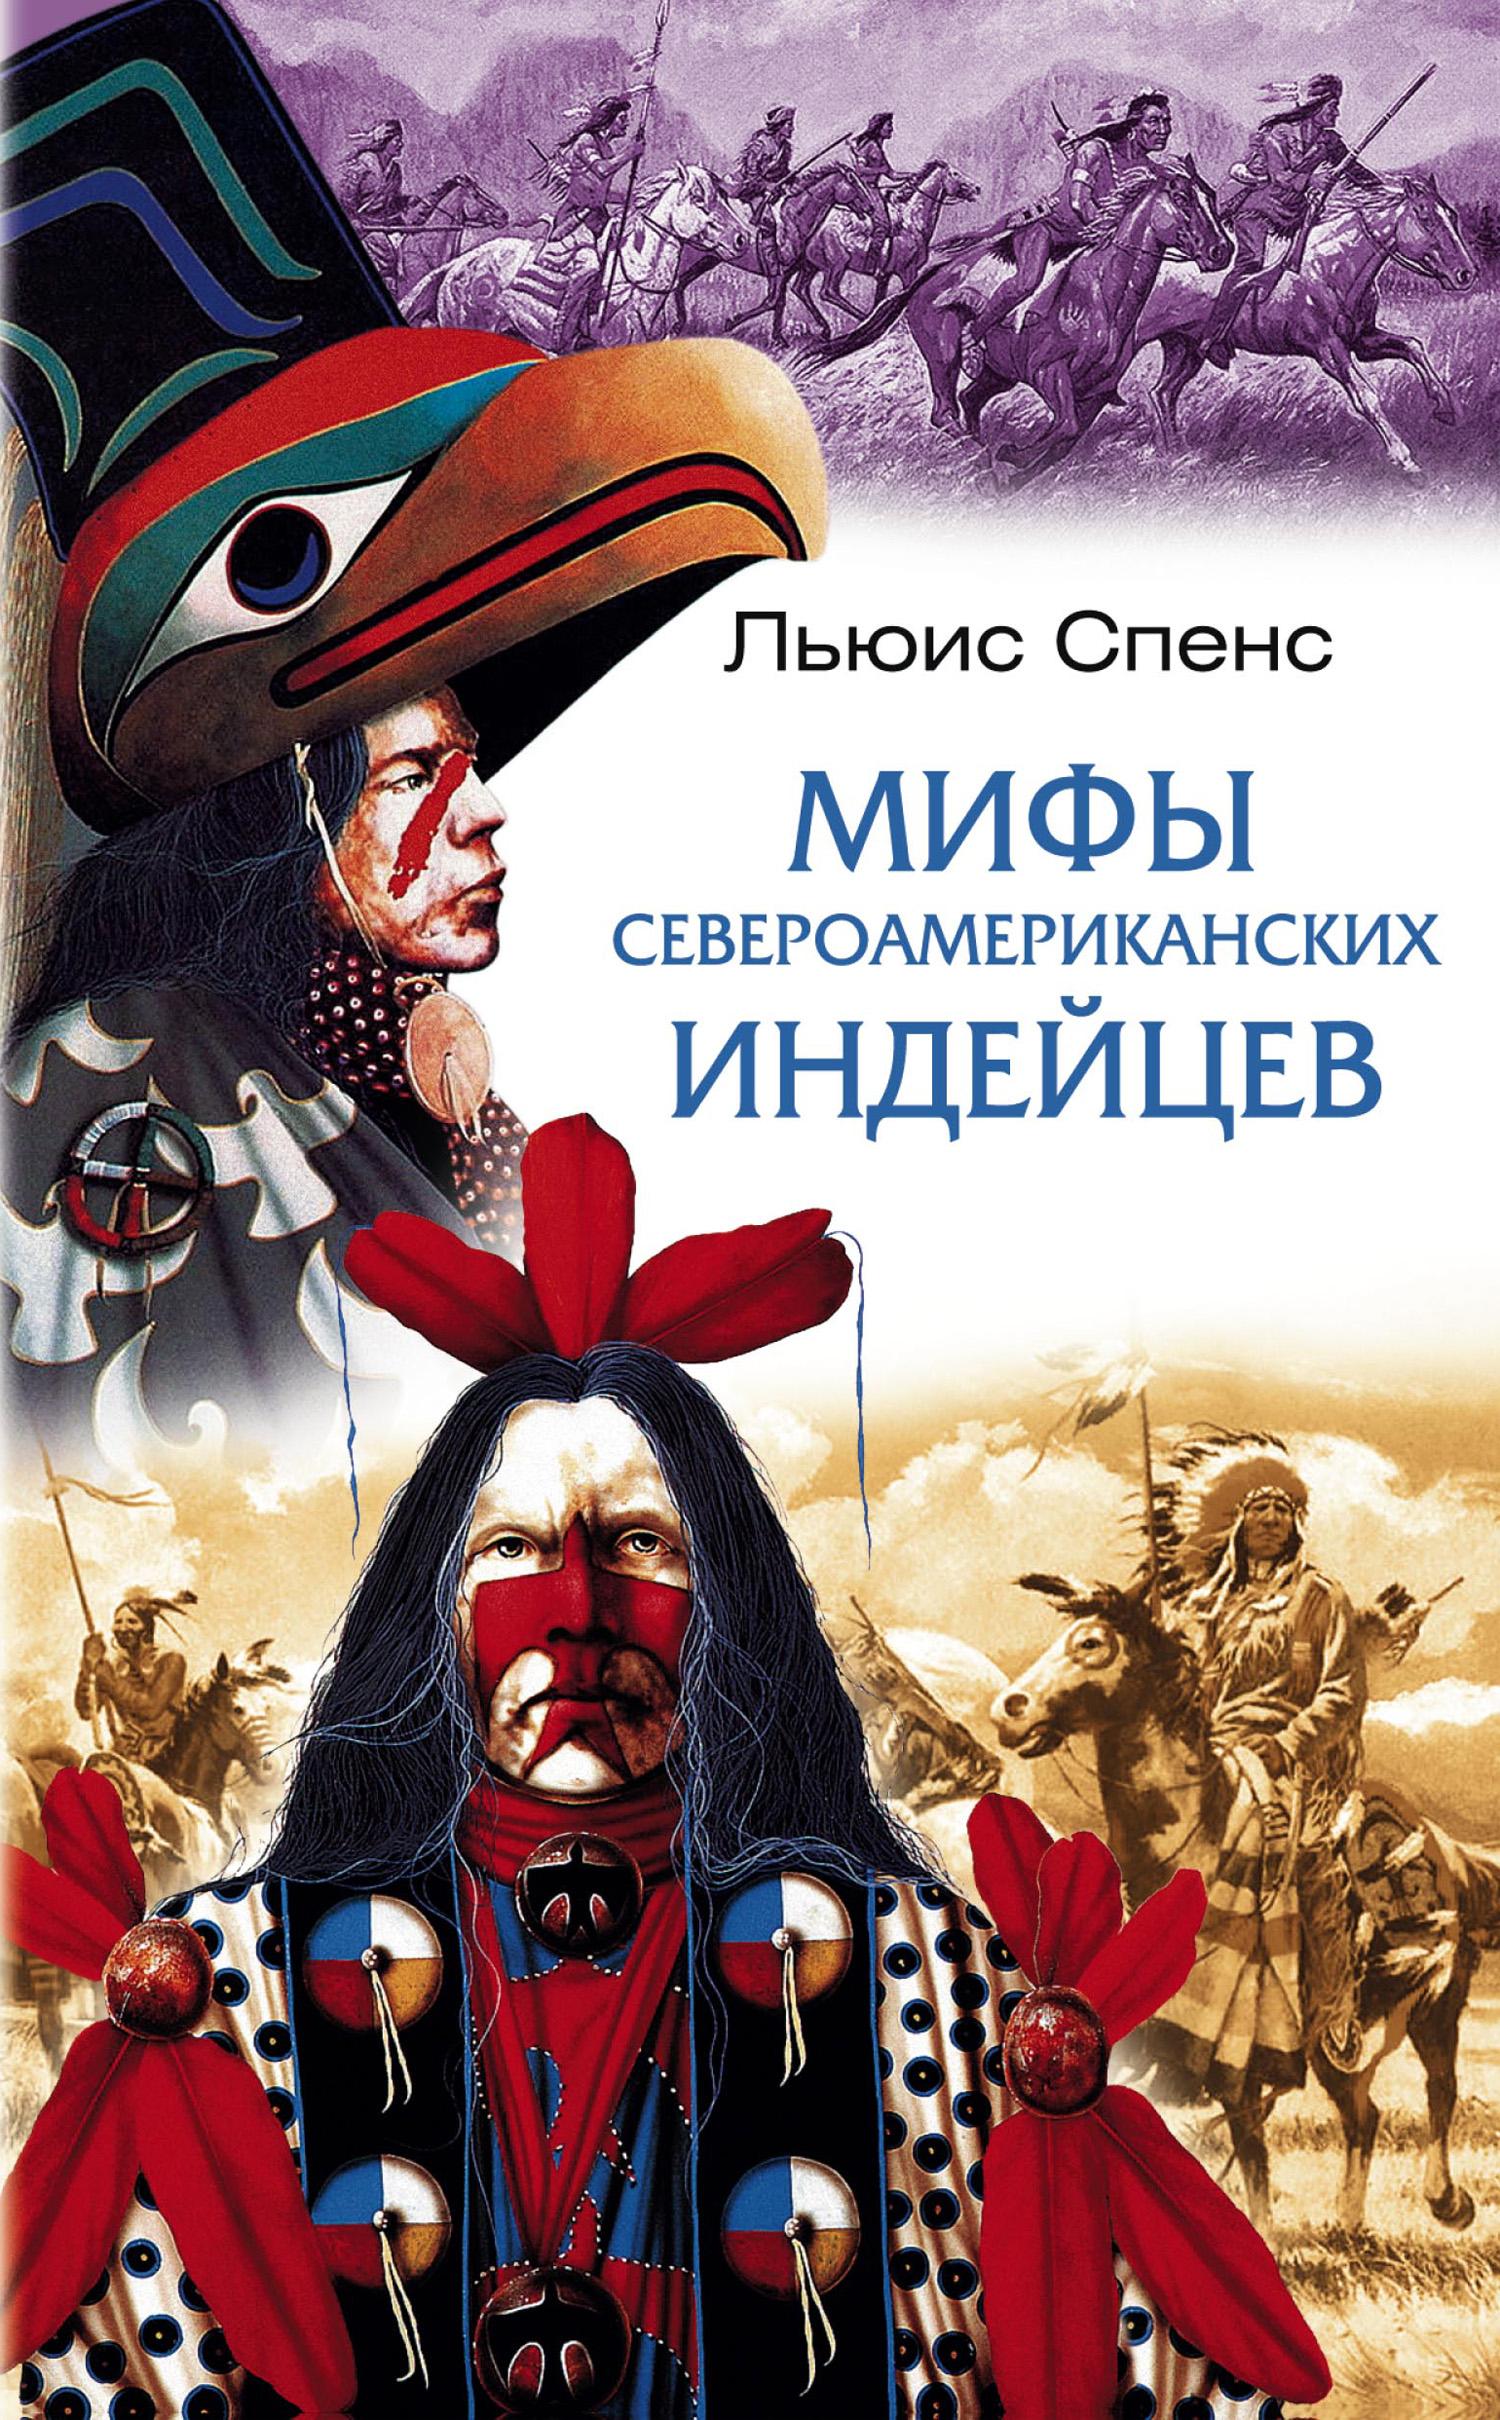 Льюис Спенс Мифы североамериканских индейцев